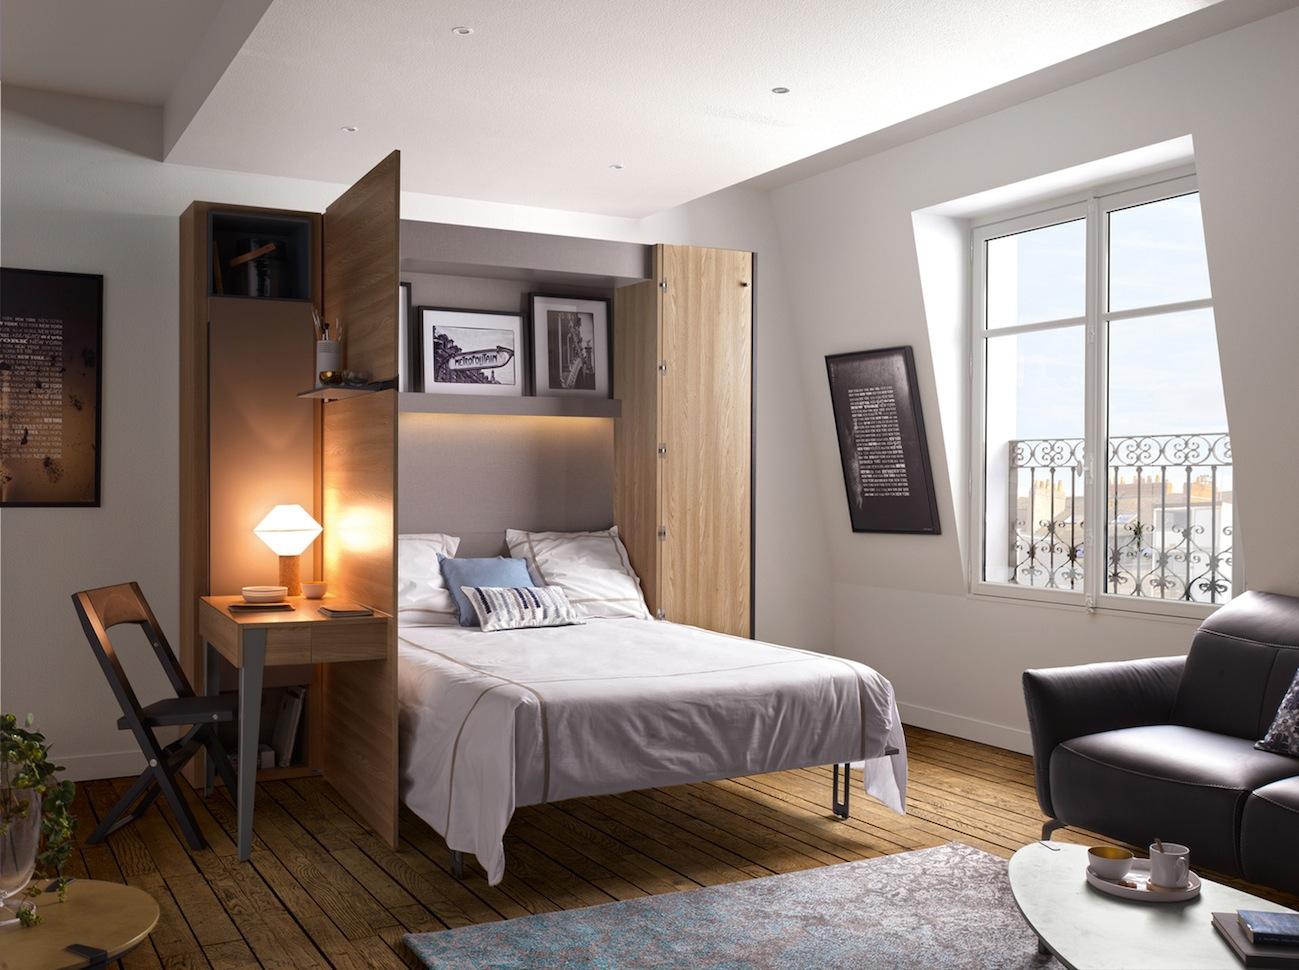 lit escamotable armoire des meubles gautier blog d co mlc. Black Bedroom Furniture Sets. Home Design Ideas